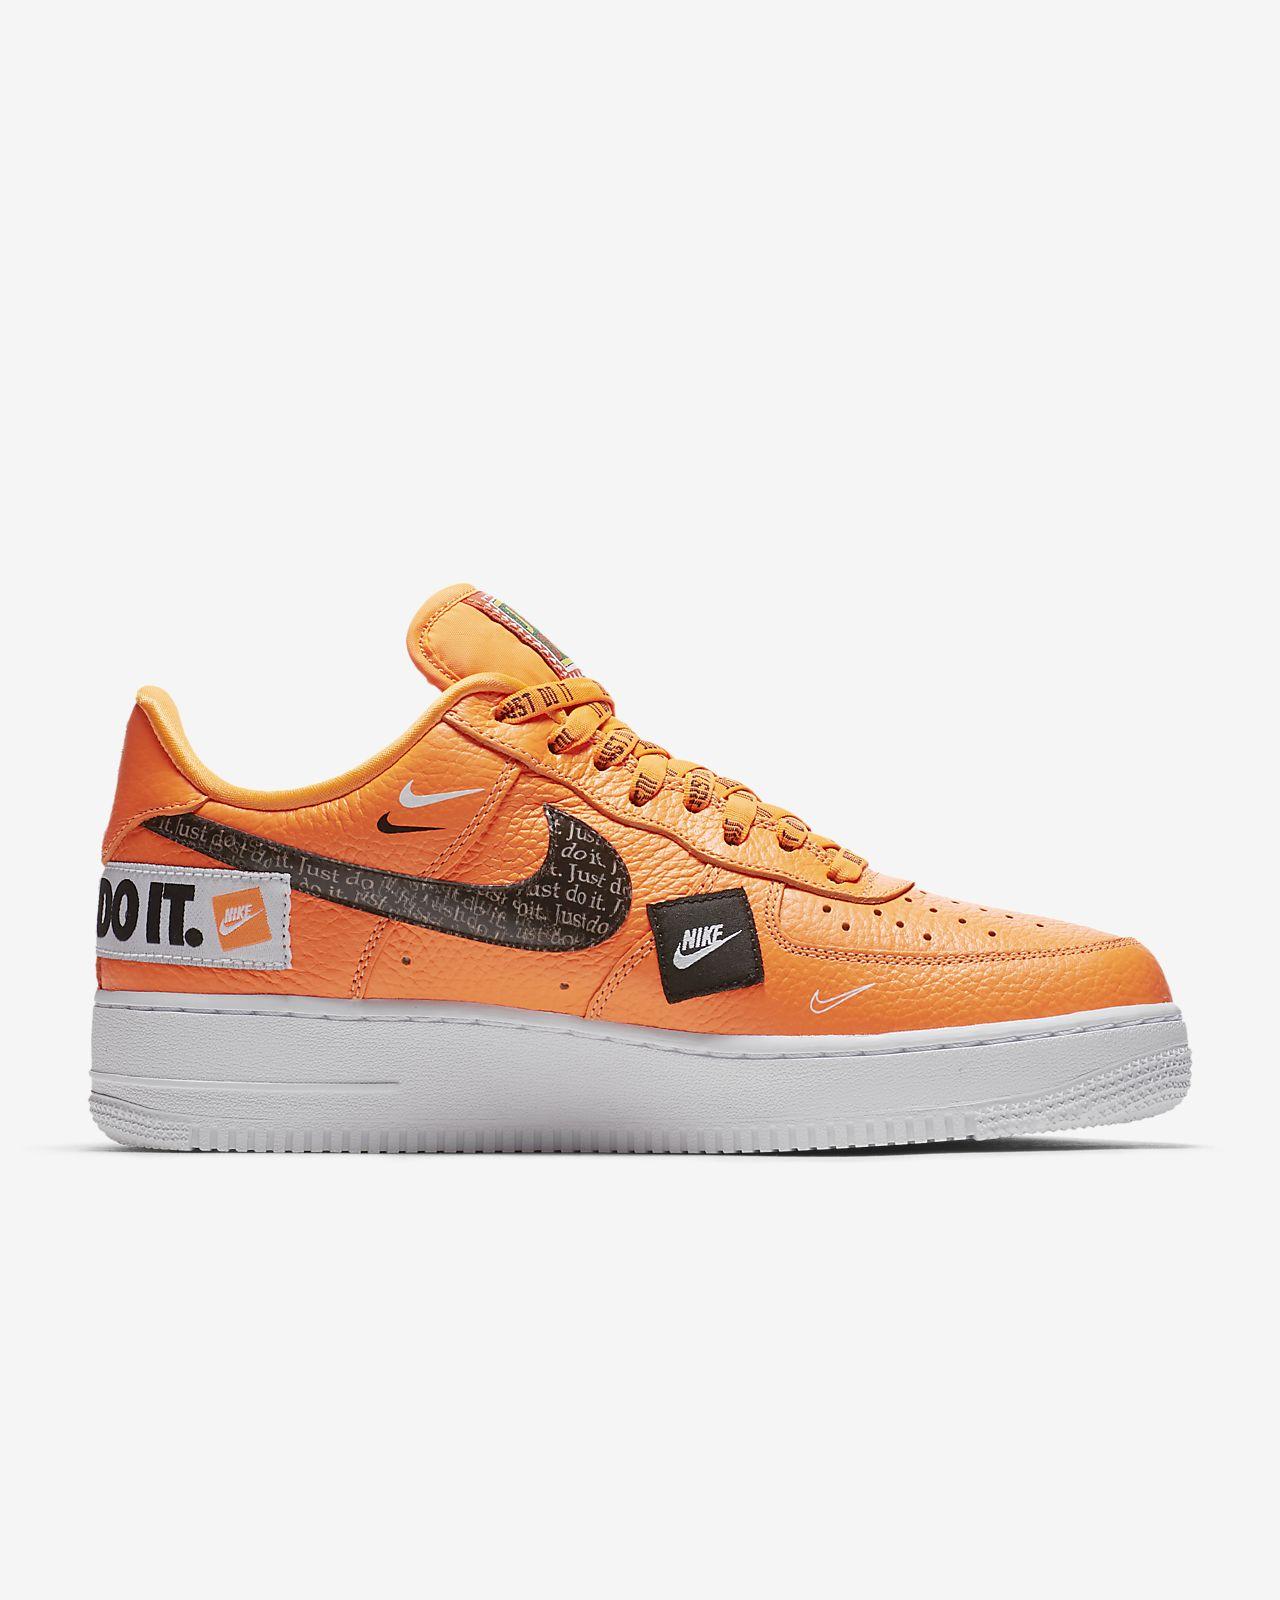 reputable site ba6d3 0c6b6 Nike Air Force 1  07 Lv8 JDI, Chaussures de Gymnastique Homme, Blanc (